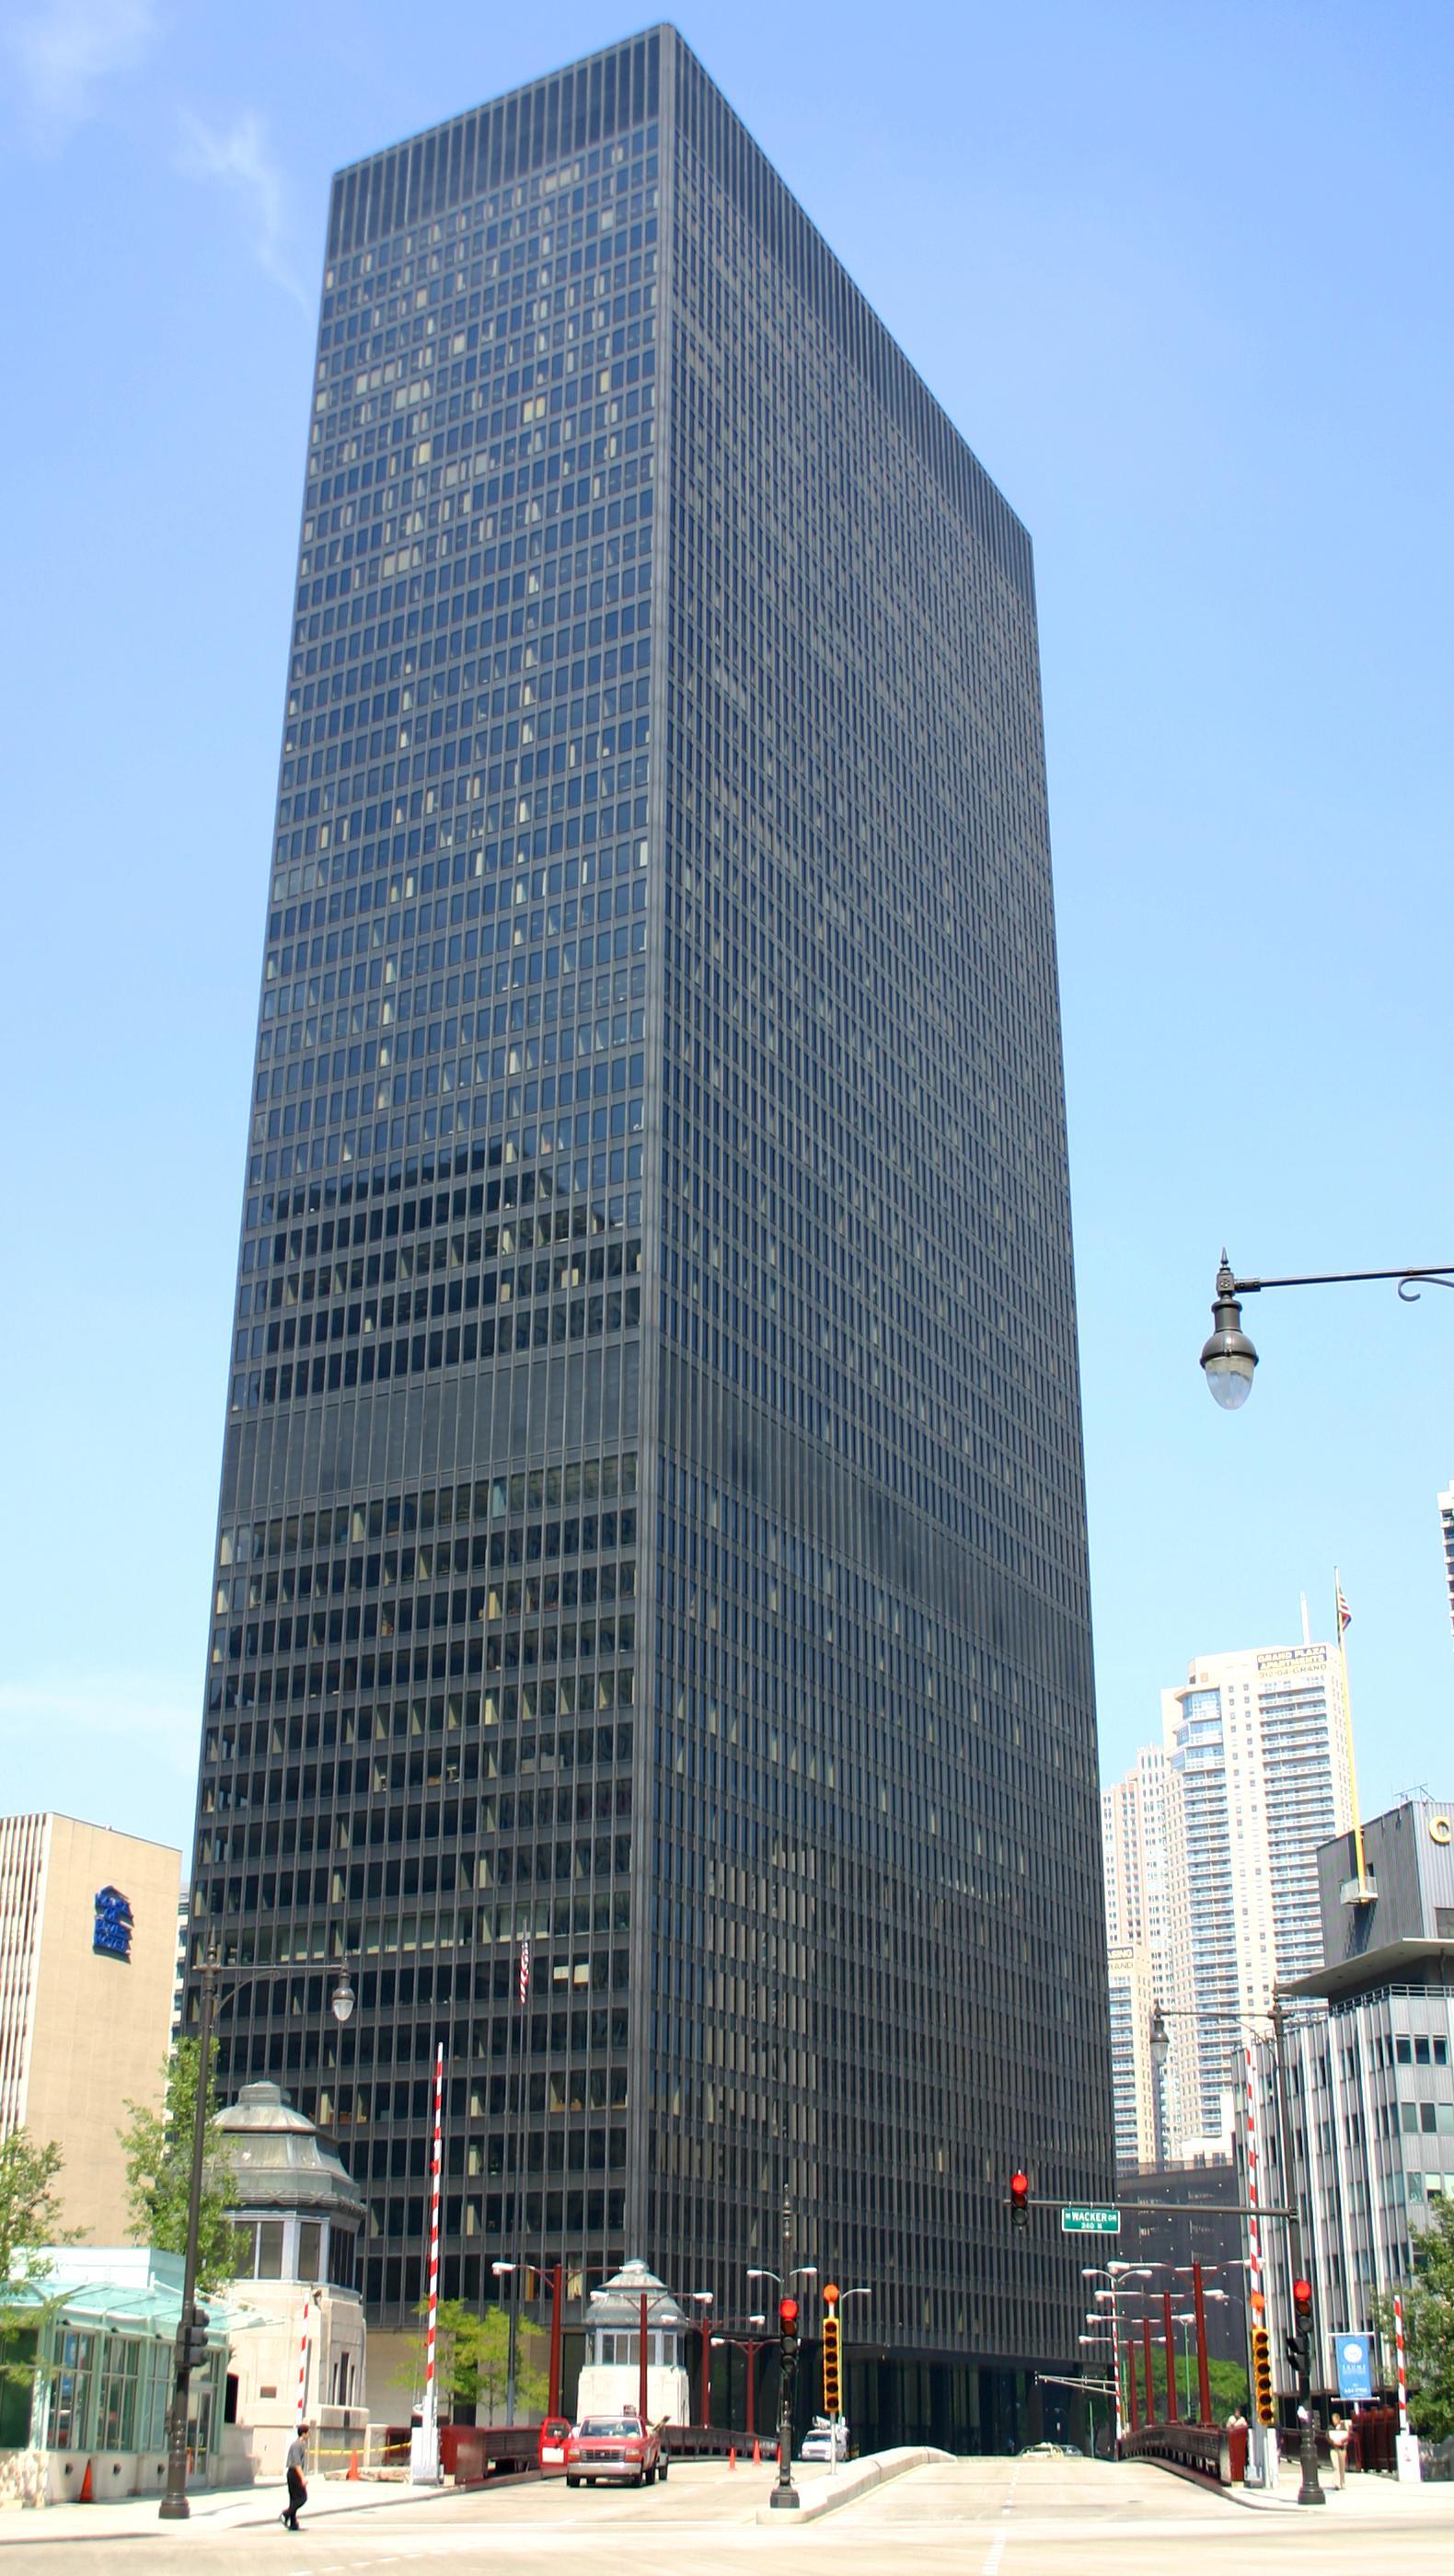 2004-09-02_1580x2800_chicago_IBM_building